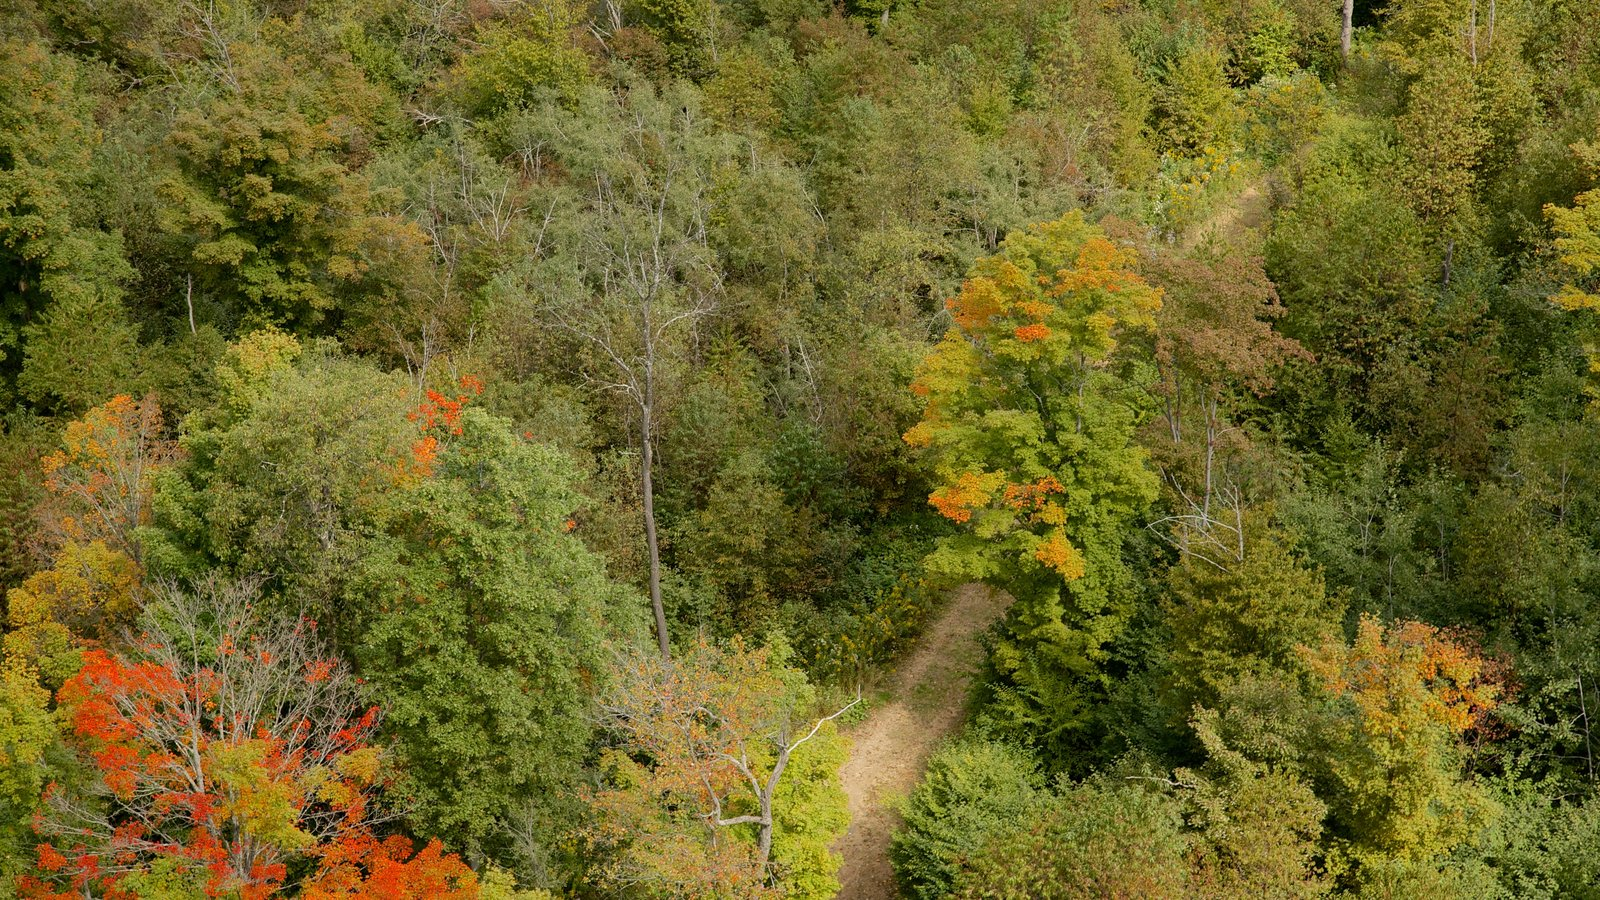 Noroeste de Pensilvânia que inclui cenas de floresta